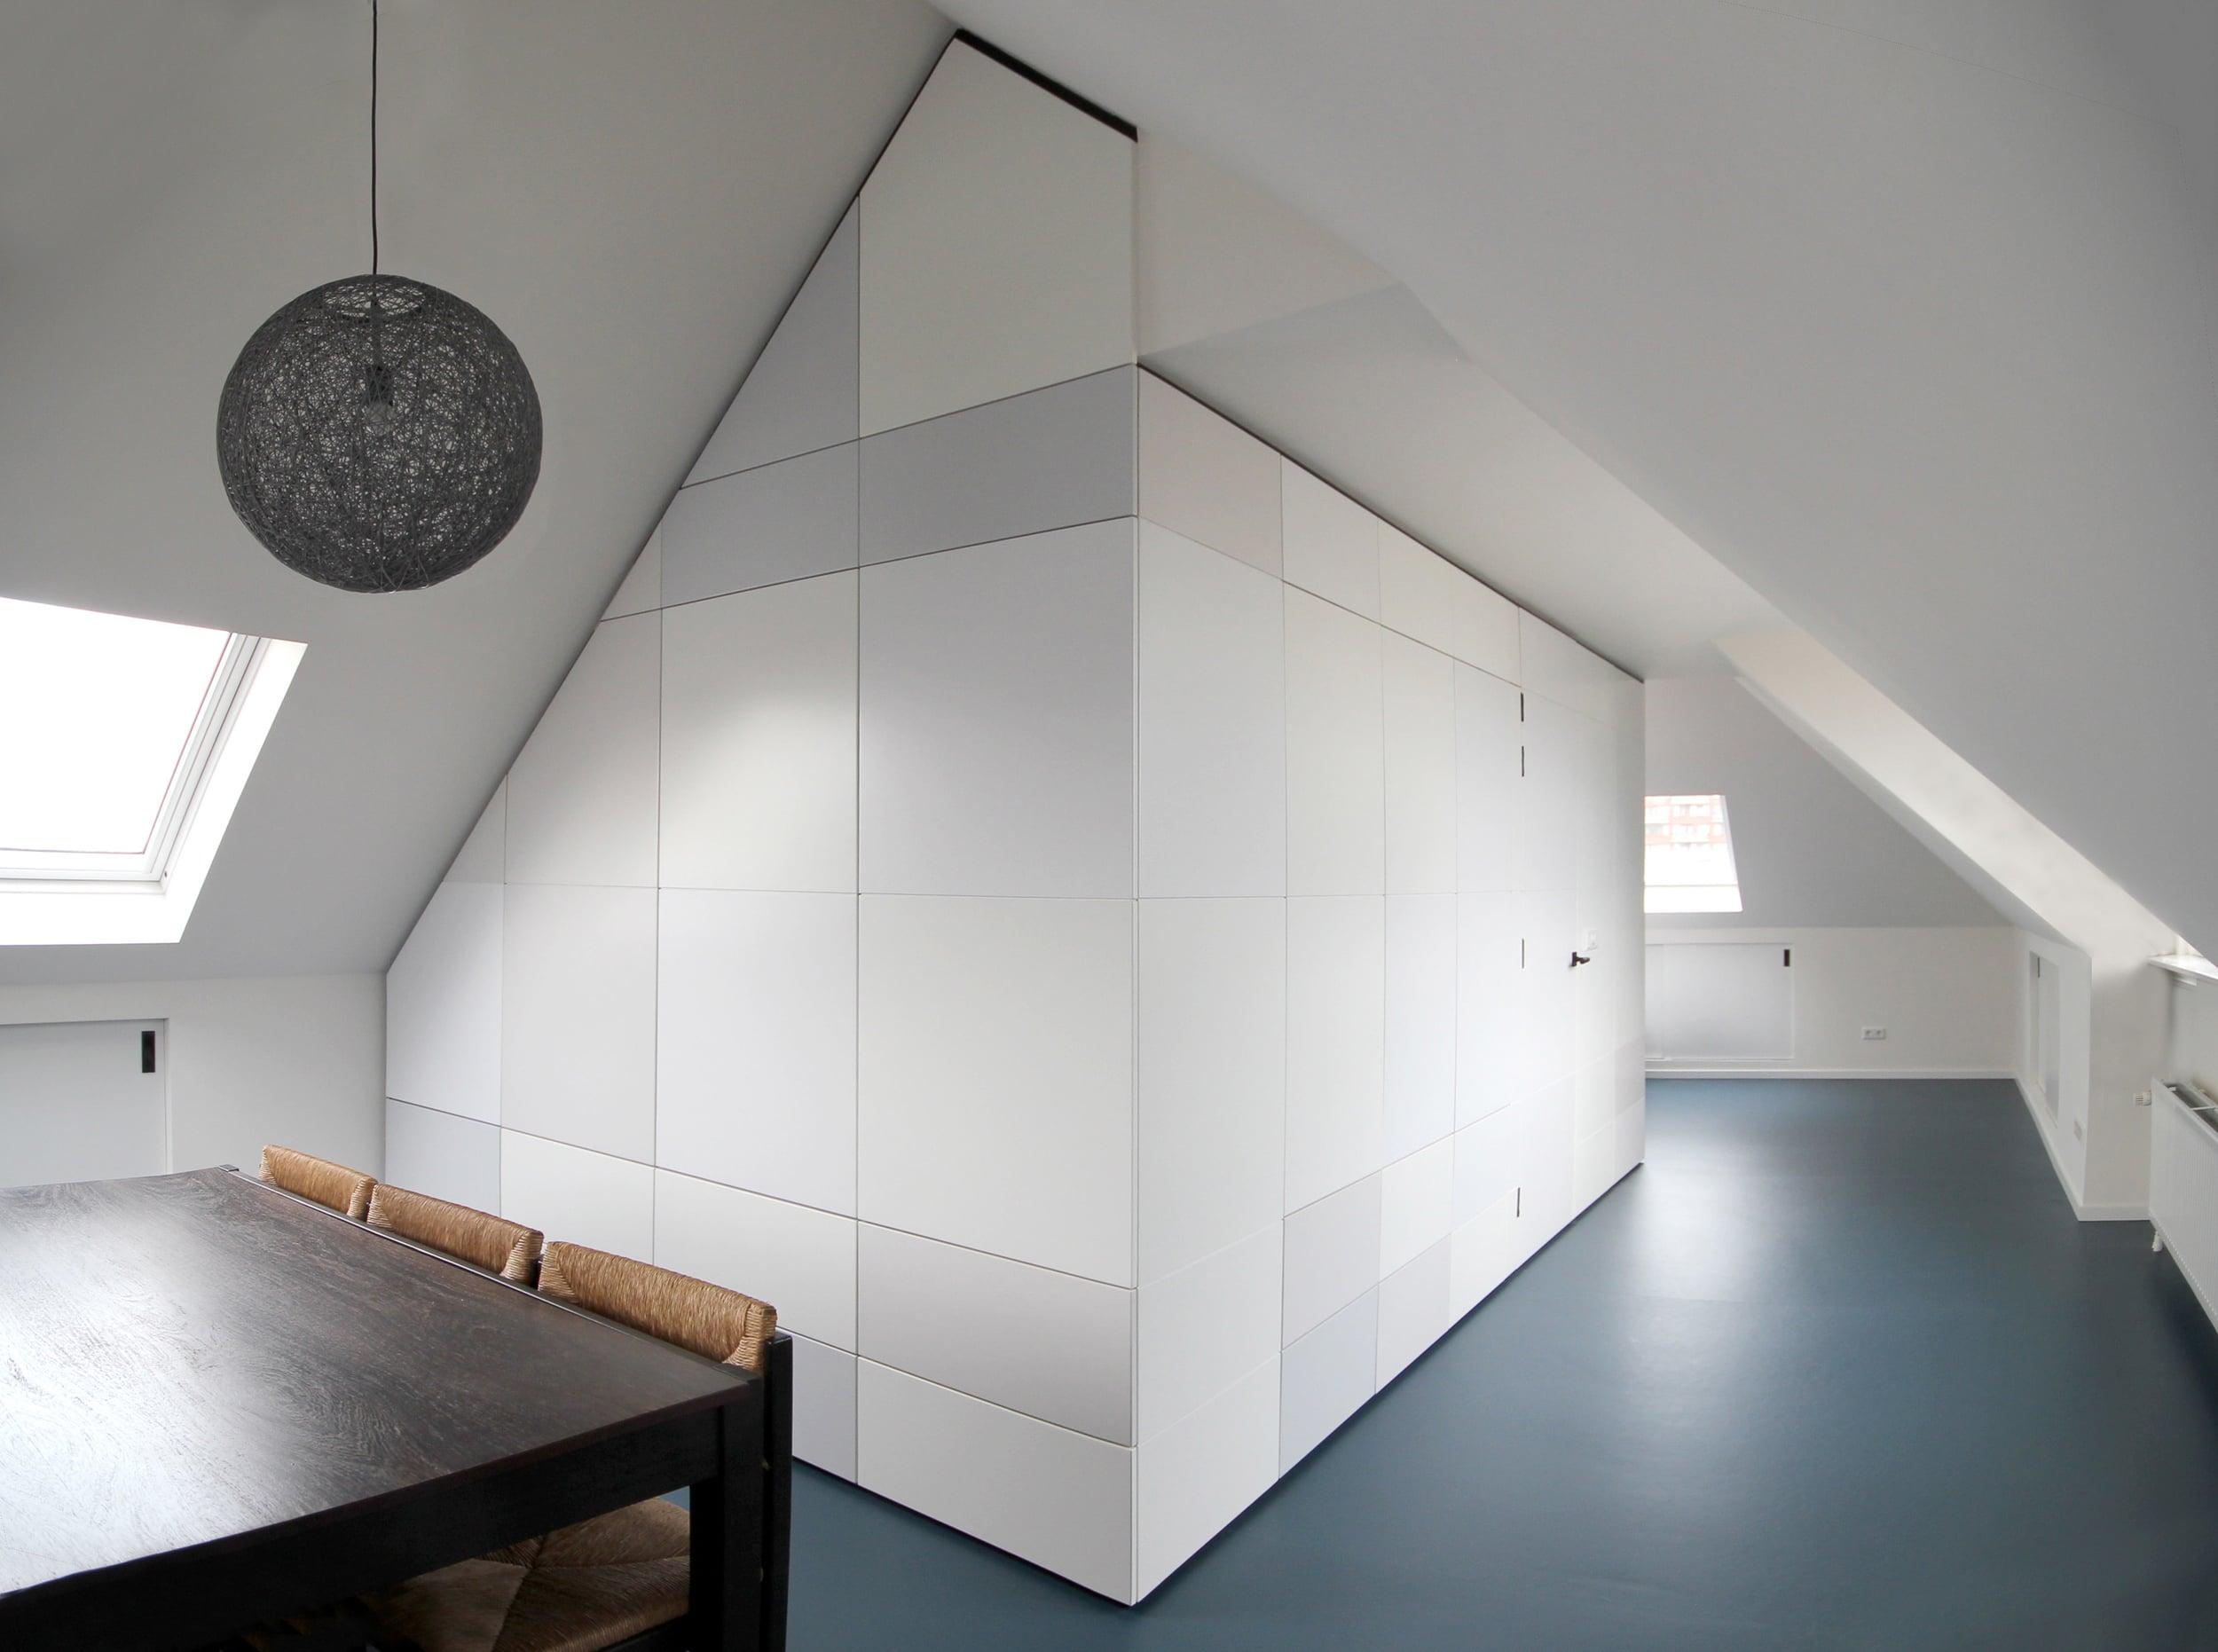 Zolderkamer